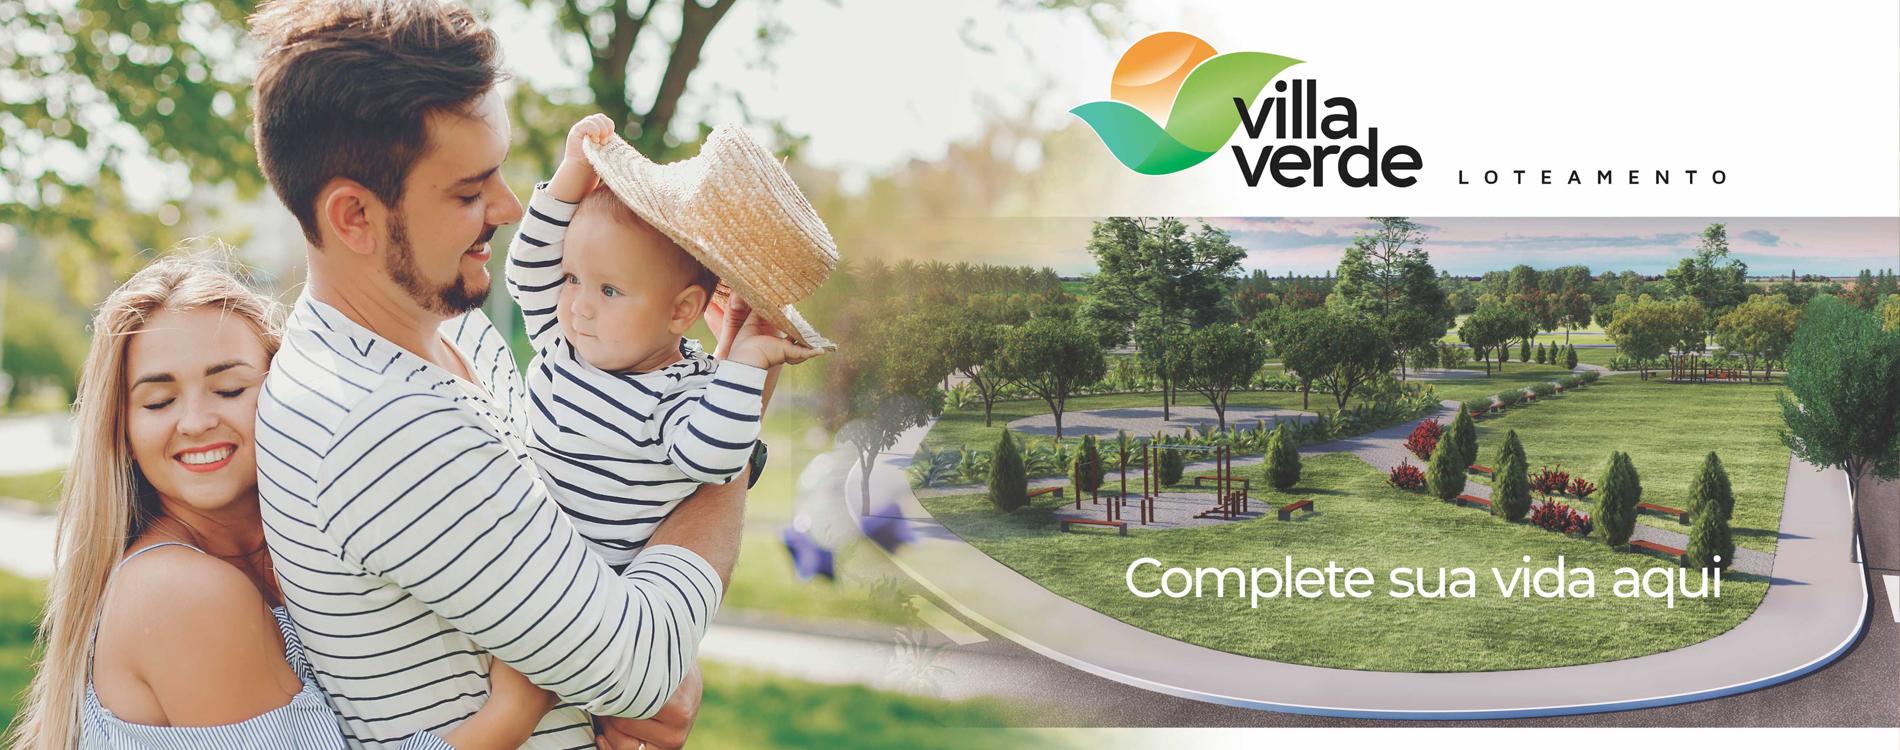 Loteamento Villa Verde